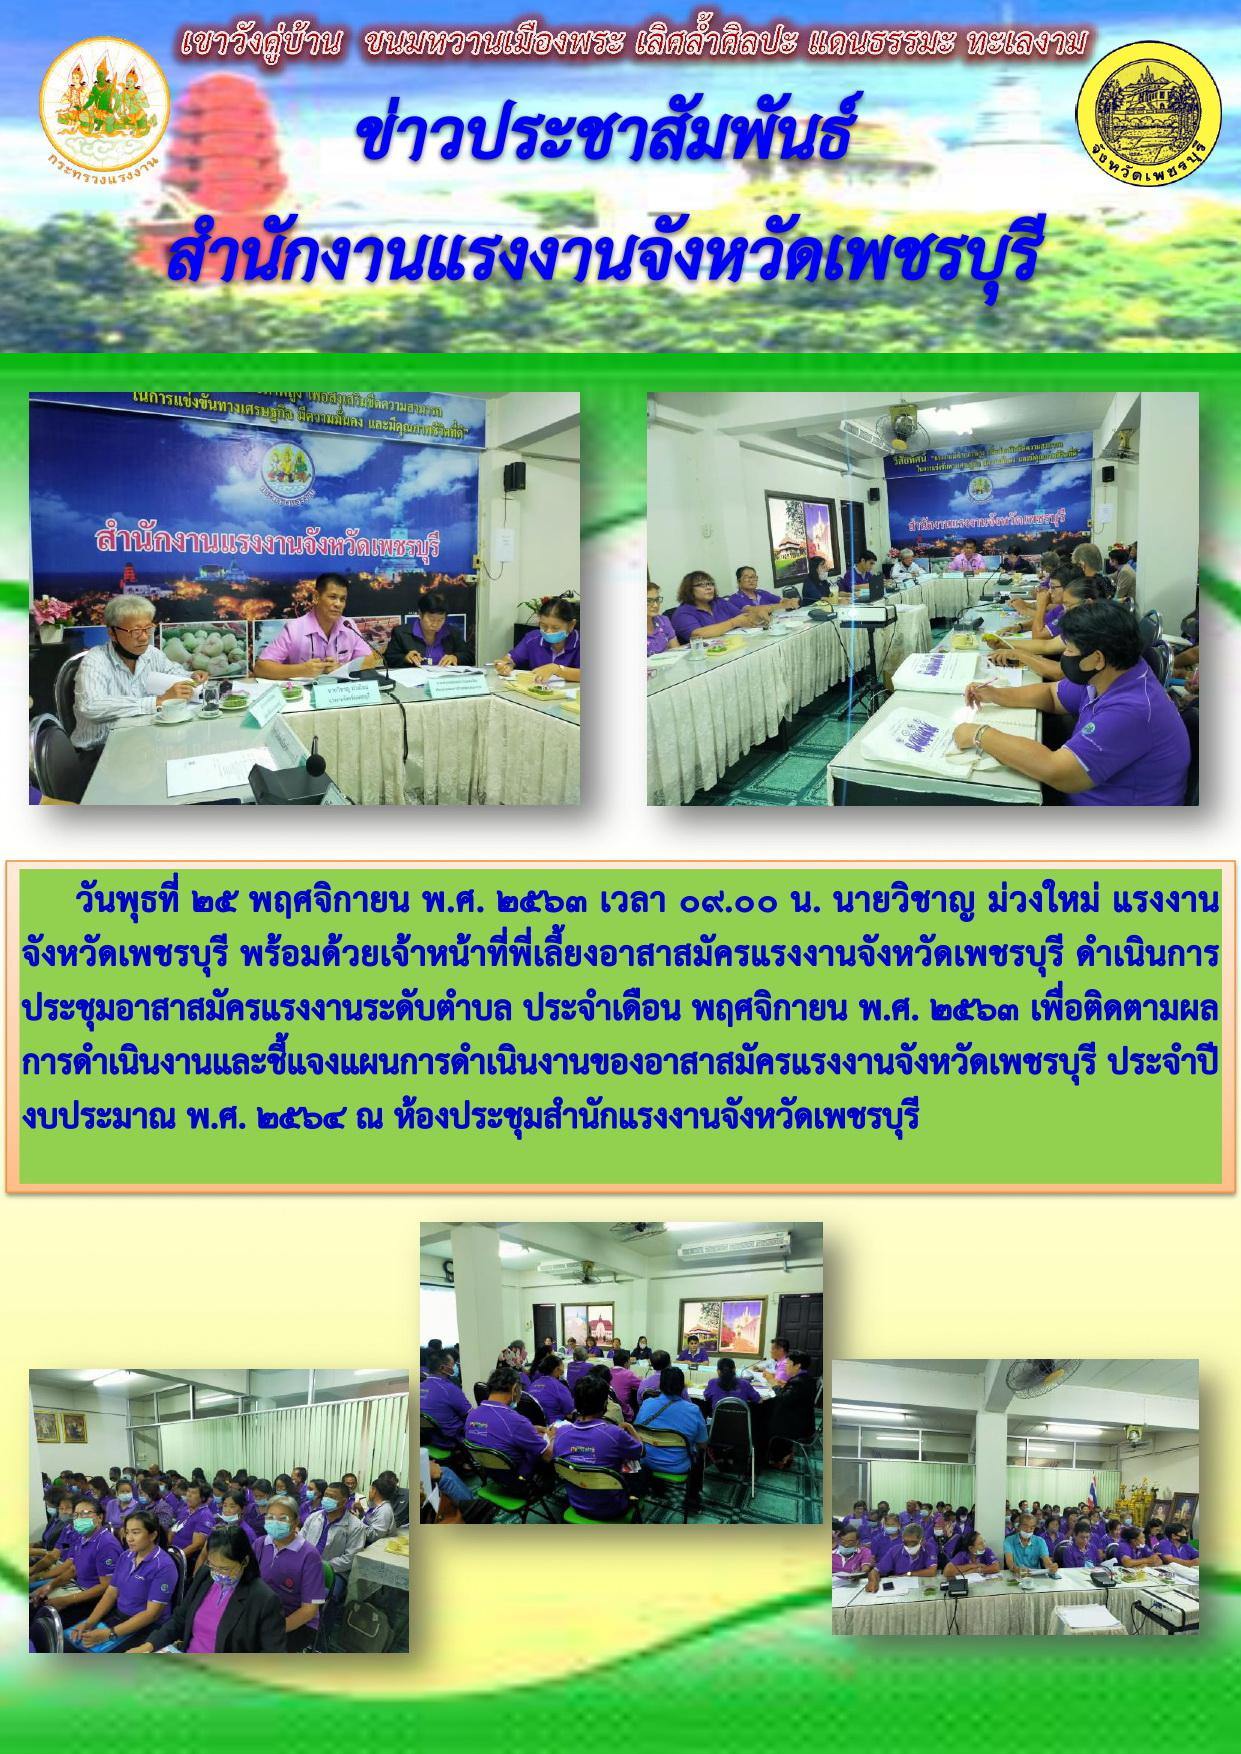 จังหวัดเพชรบุรี จัดประชุมอาสาสมัครแรงงาน ประจำเดือน พฤศจิกายน 2563